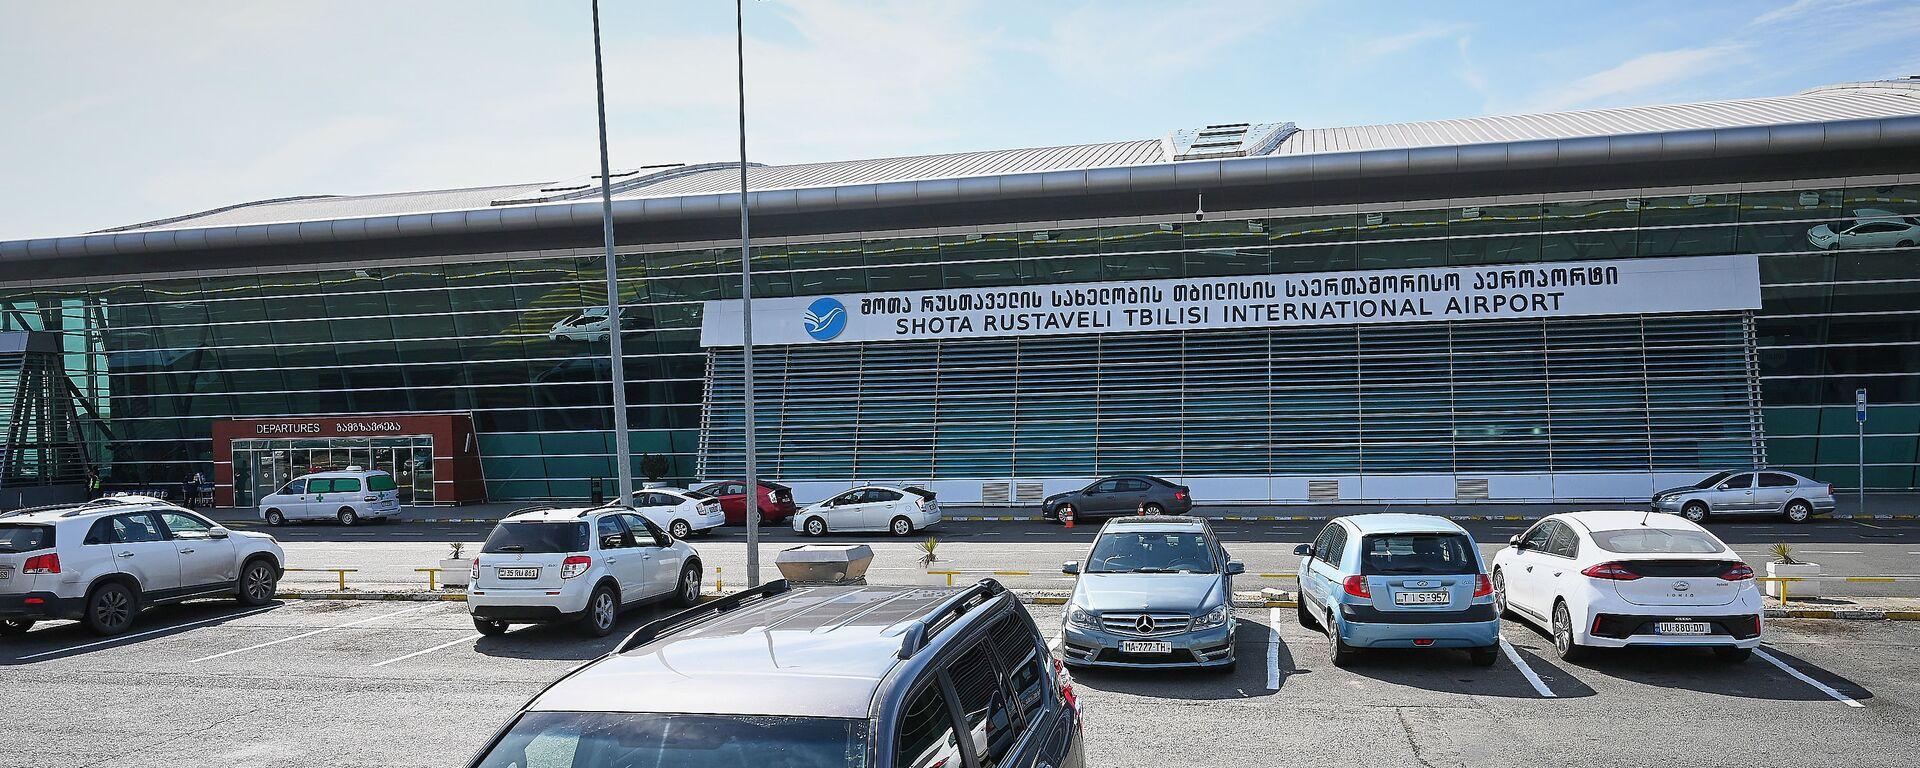 Тбилисский международный аэропорт им Шота Руставели - Sputnik Грузия, 1920, 30.08.2021